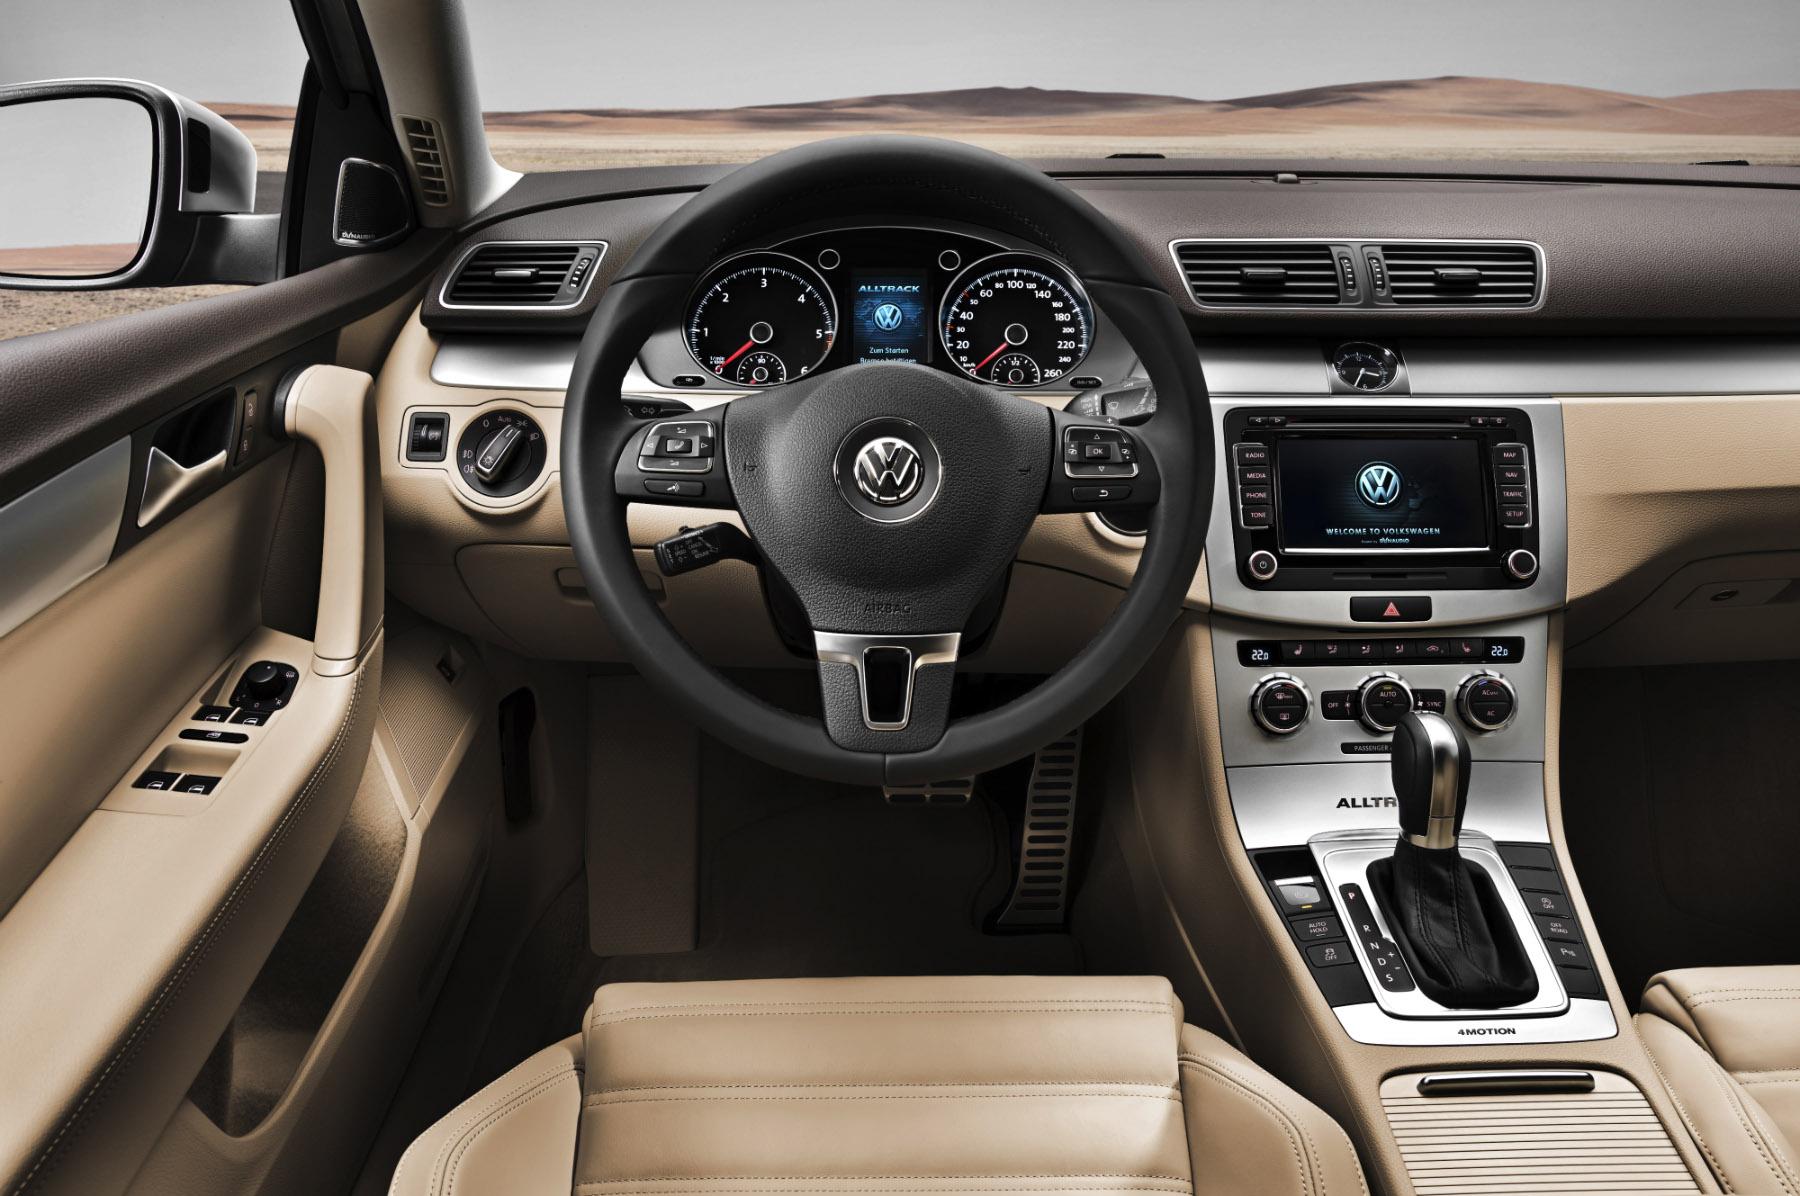 2012 Volkswagen Passat Alltrack